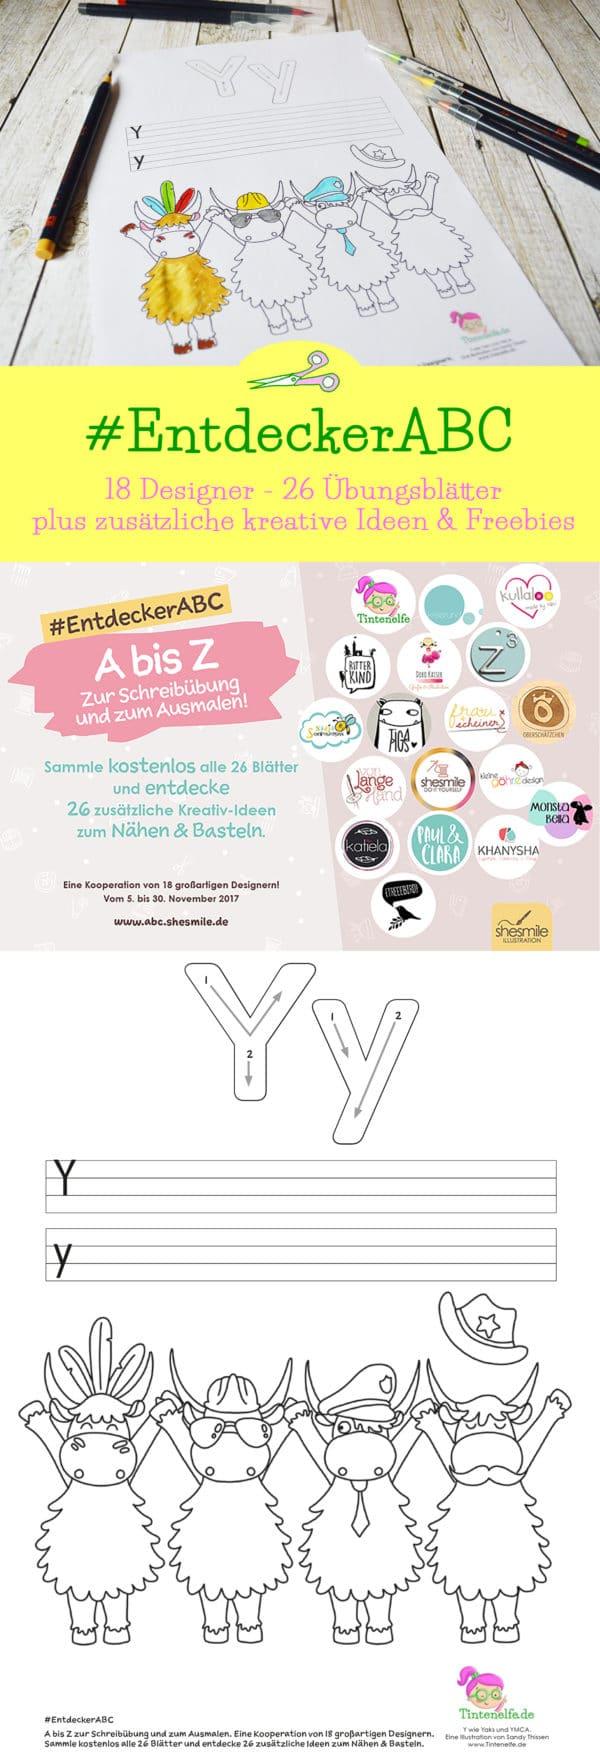 #EntdeckerABC - 18 Designer, 26 Übungsblätter und bei mir gibts das Y